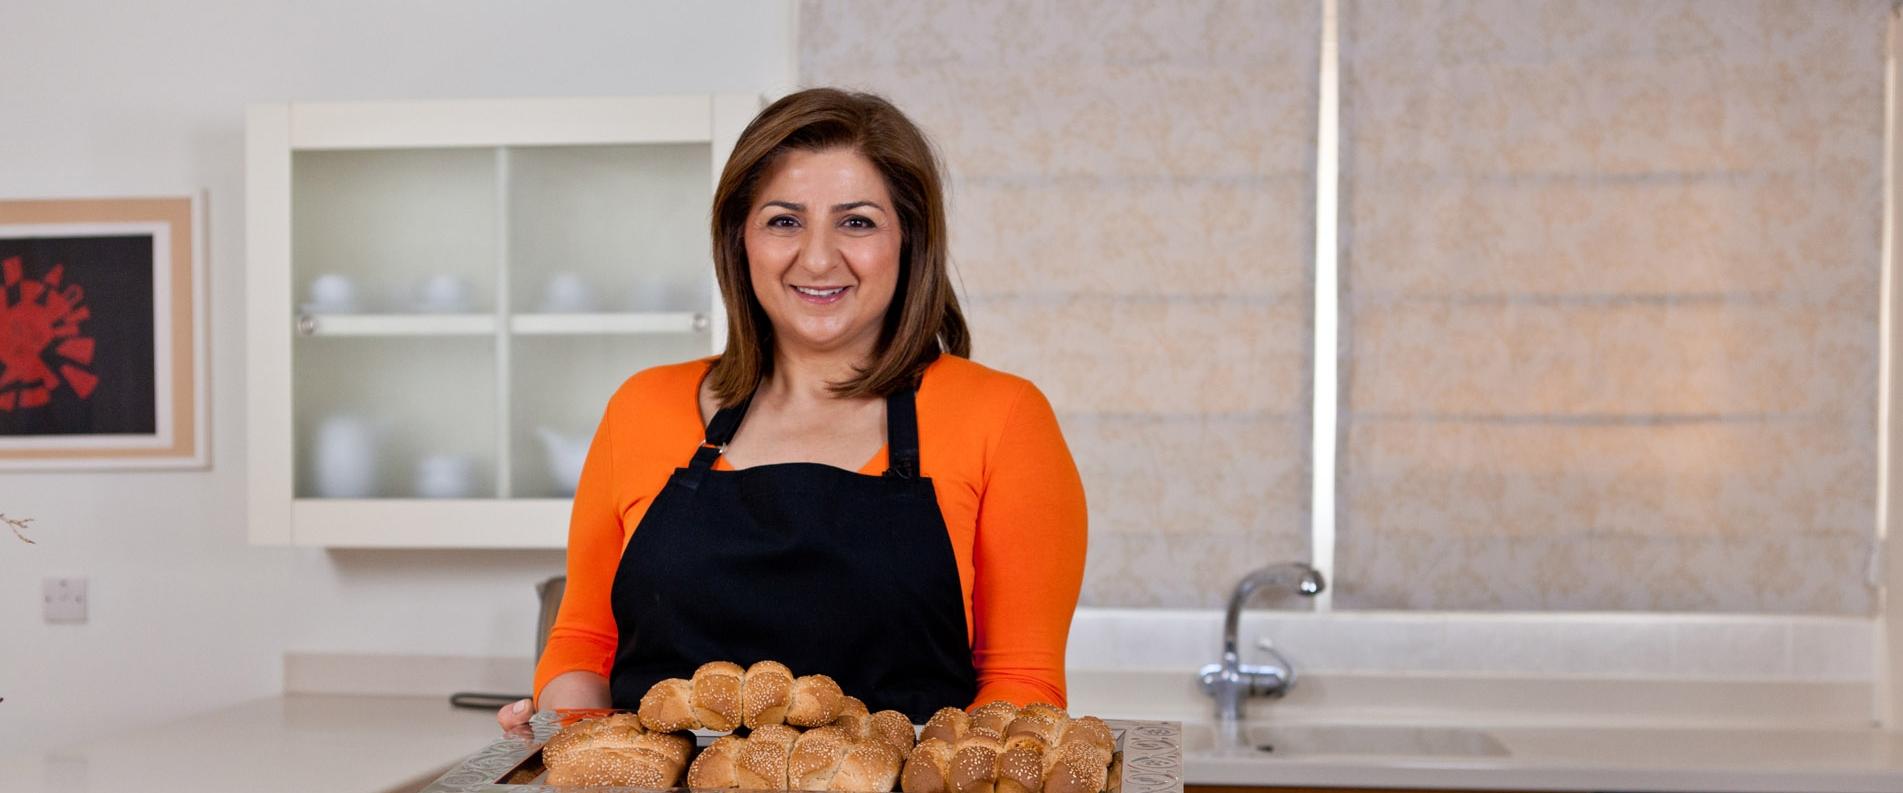 Кипрская кухня с Мариленой: Пасхальный хлеб кулури